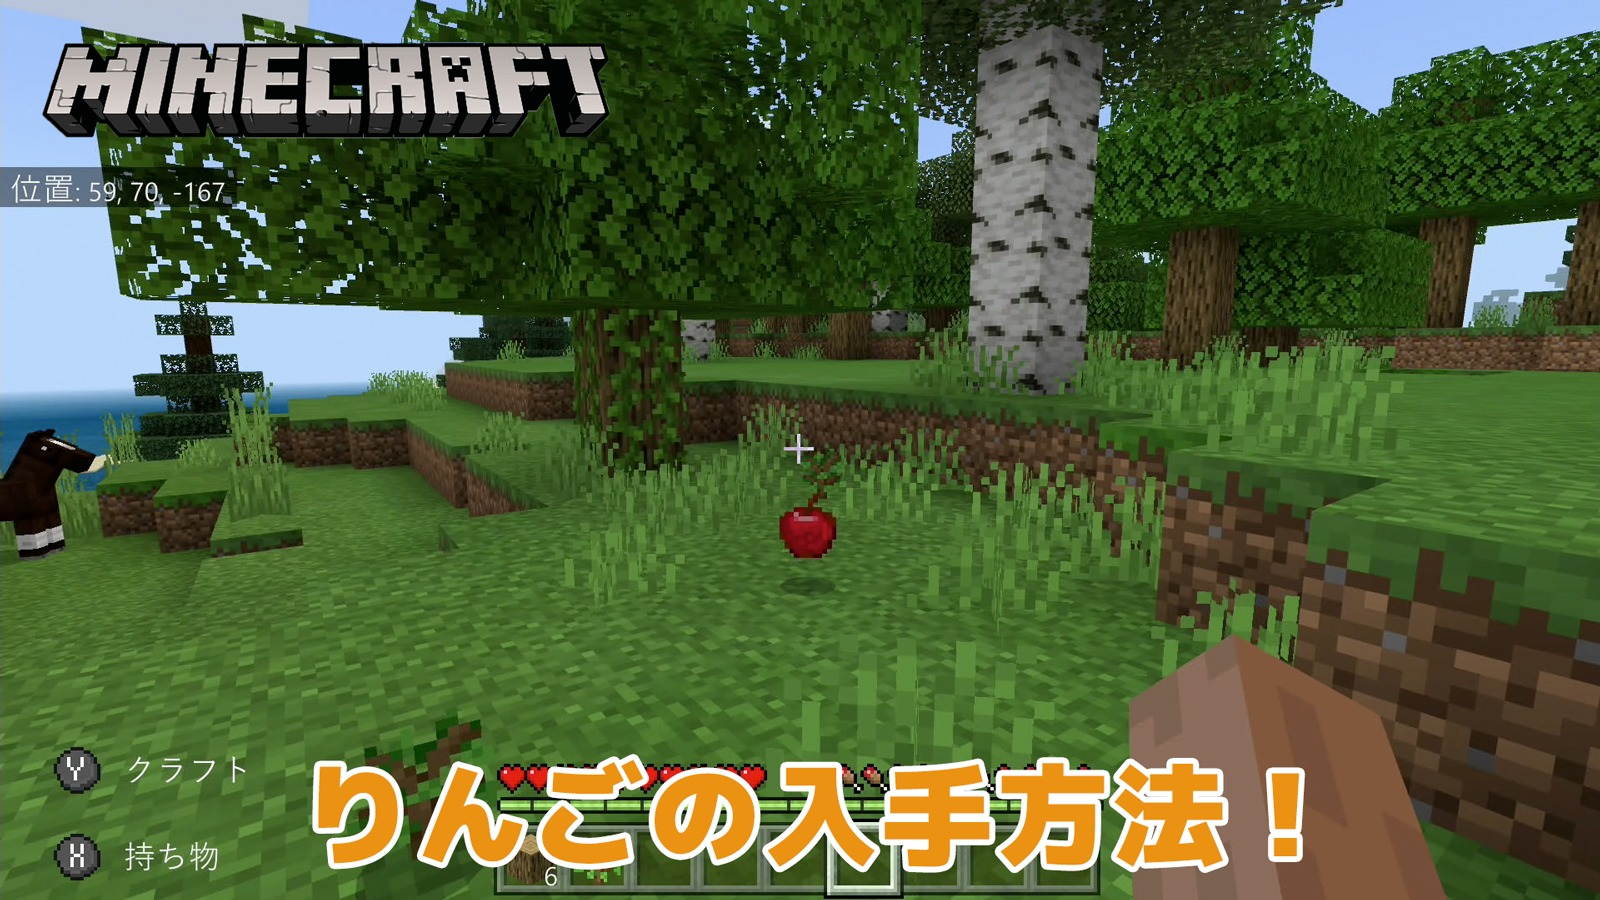 【マインクラフト】りんごの入手方法【Switch】